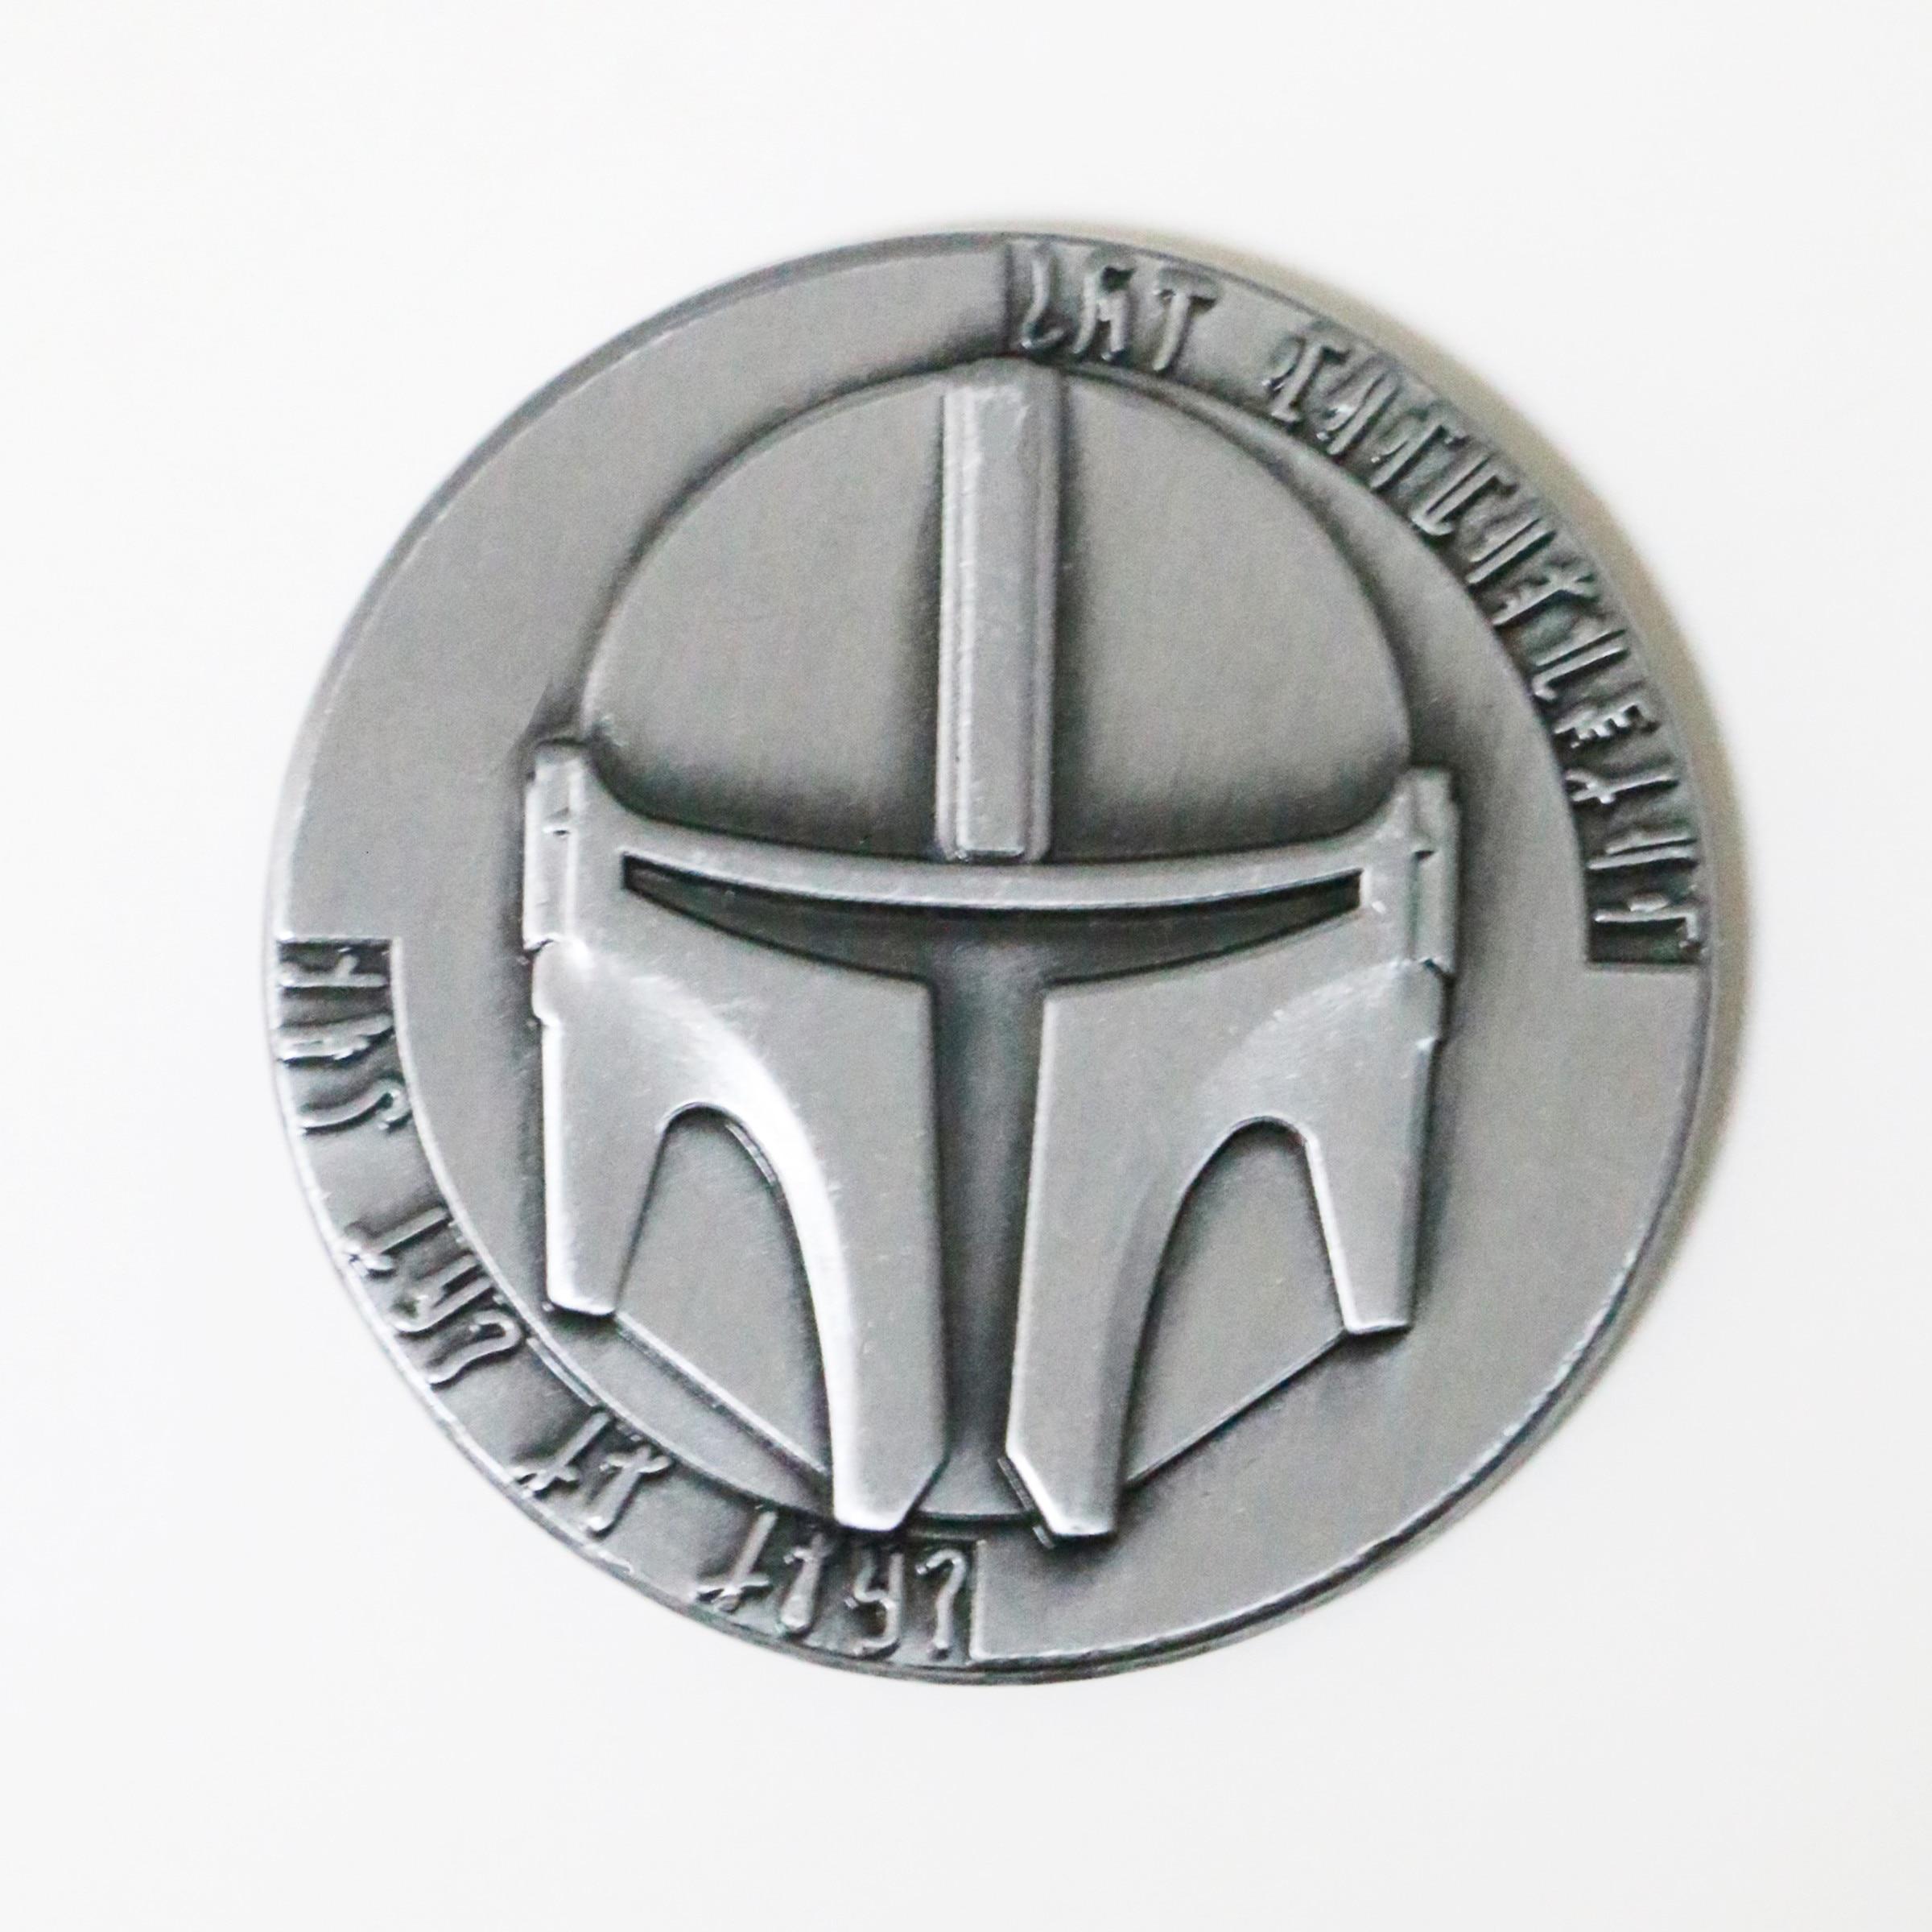 Película Star Wars, The Mandalorian, colección de monedas de Metal, Boba Fett, accesorios, regalo de recuerdo